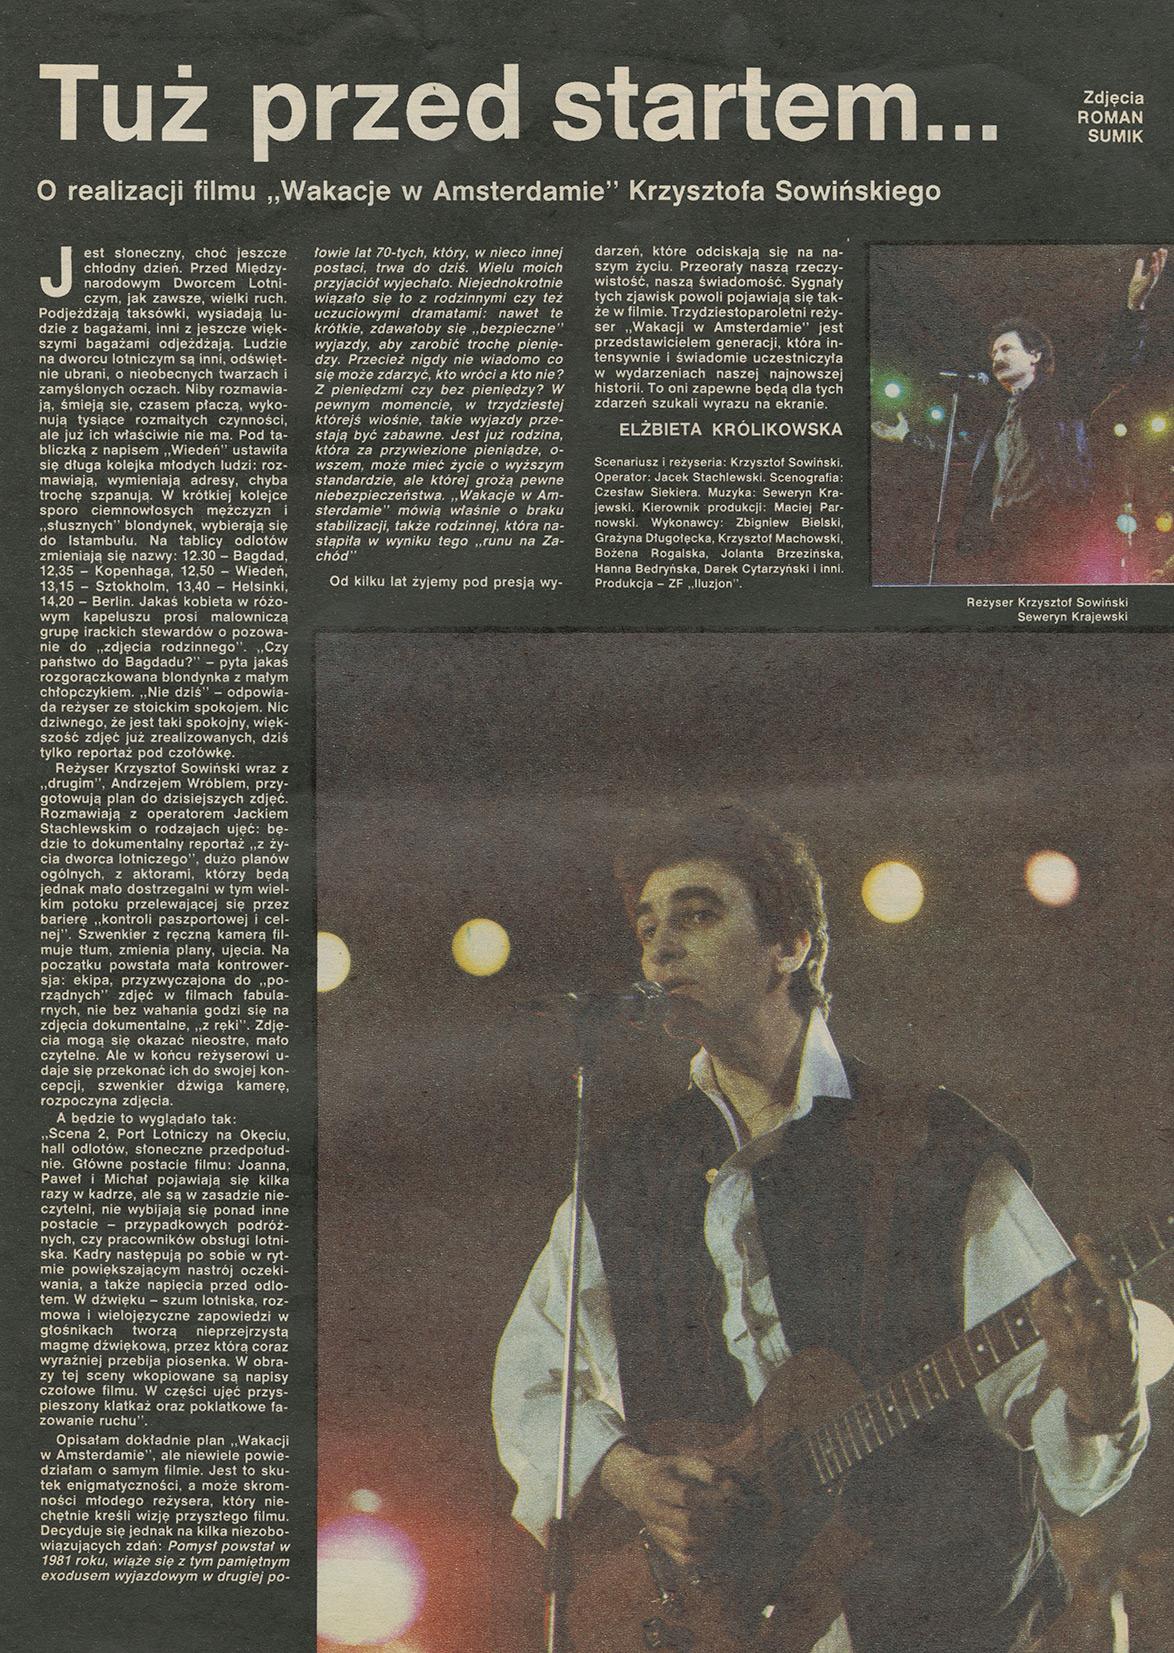 1979-1990_Film_1985_Produkcja_filmu_wakacje_w_amsterdamie_SK_skomponowal_muzyke